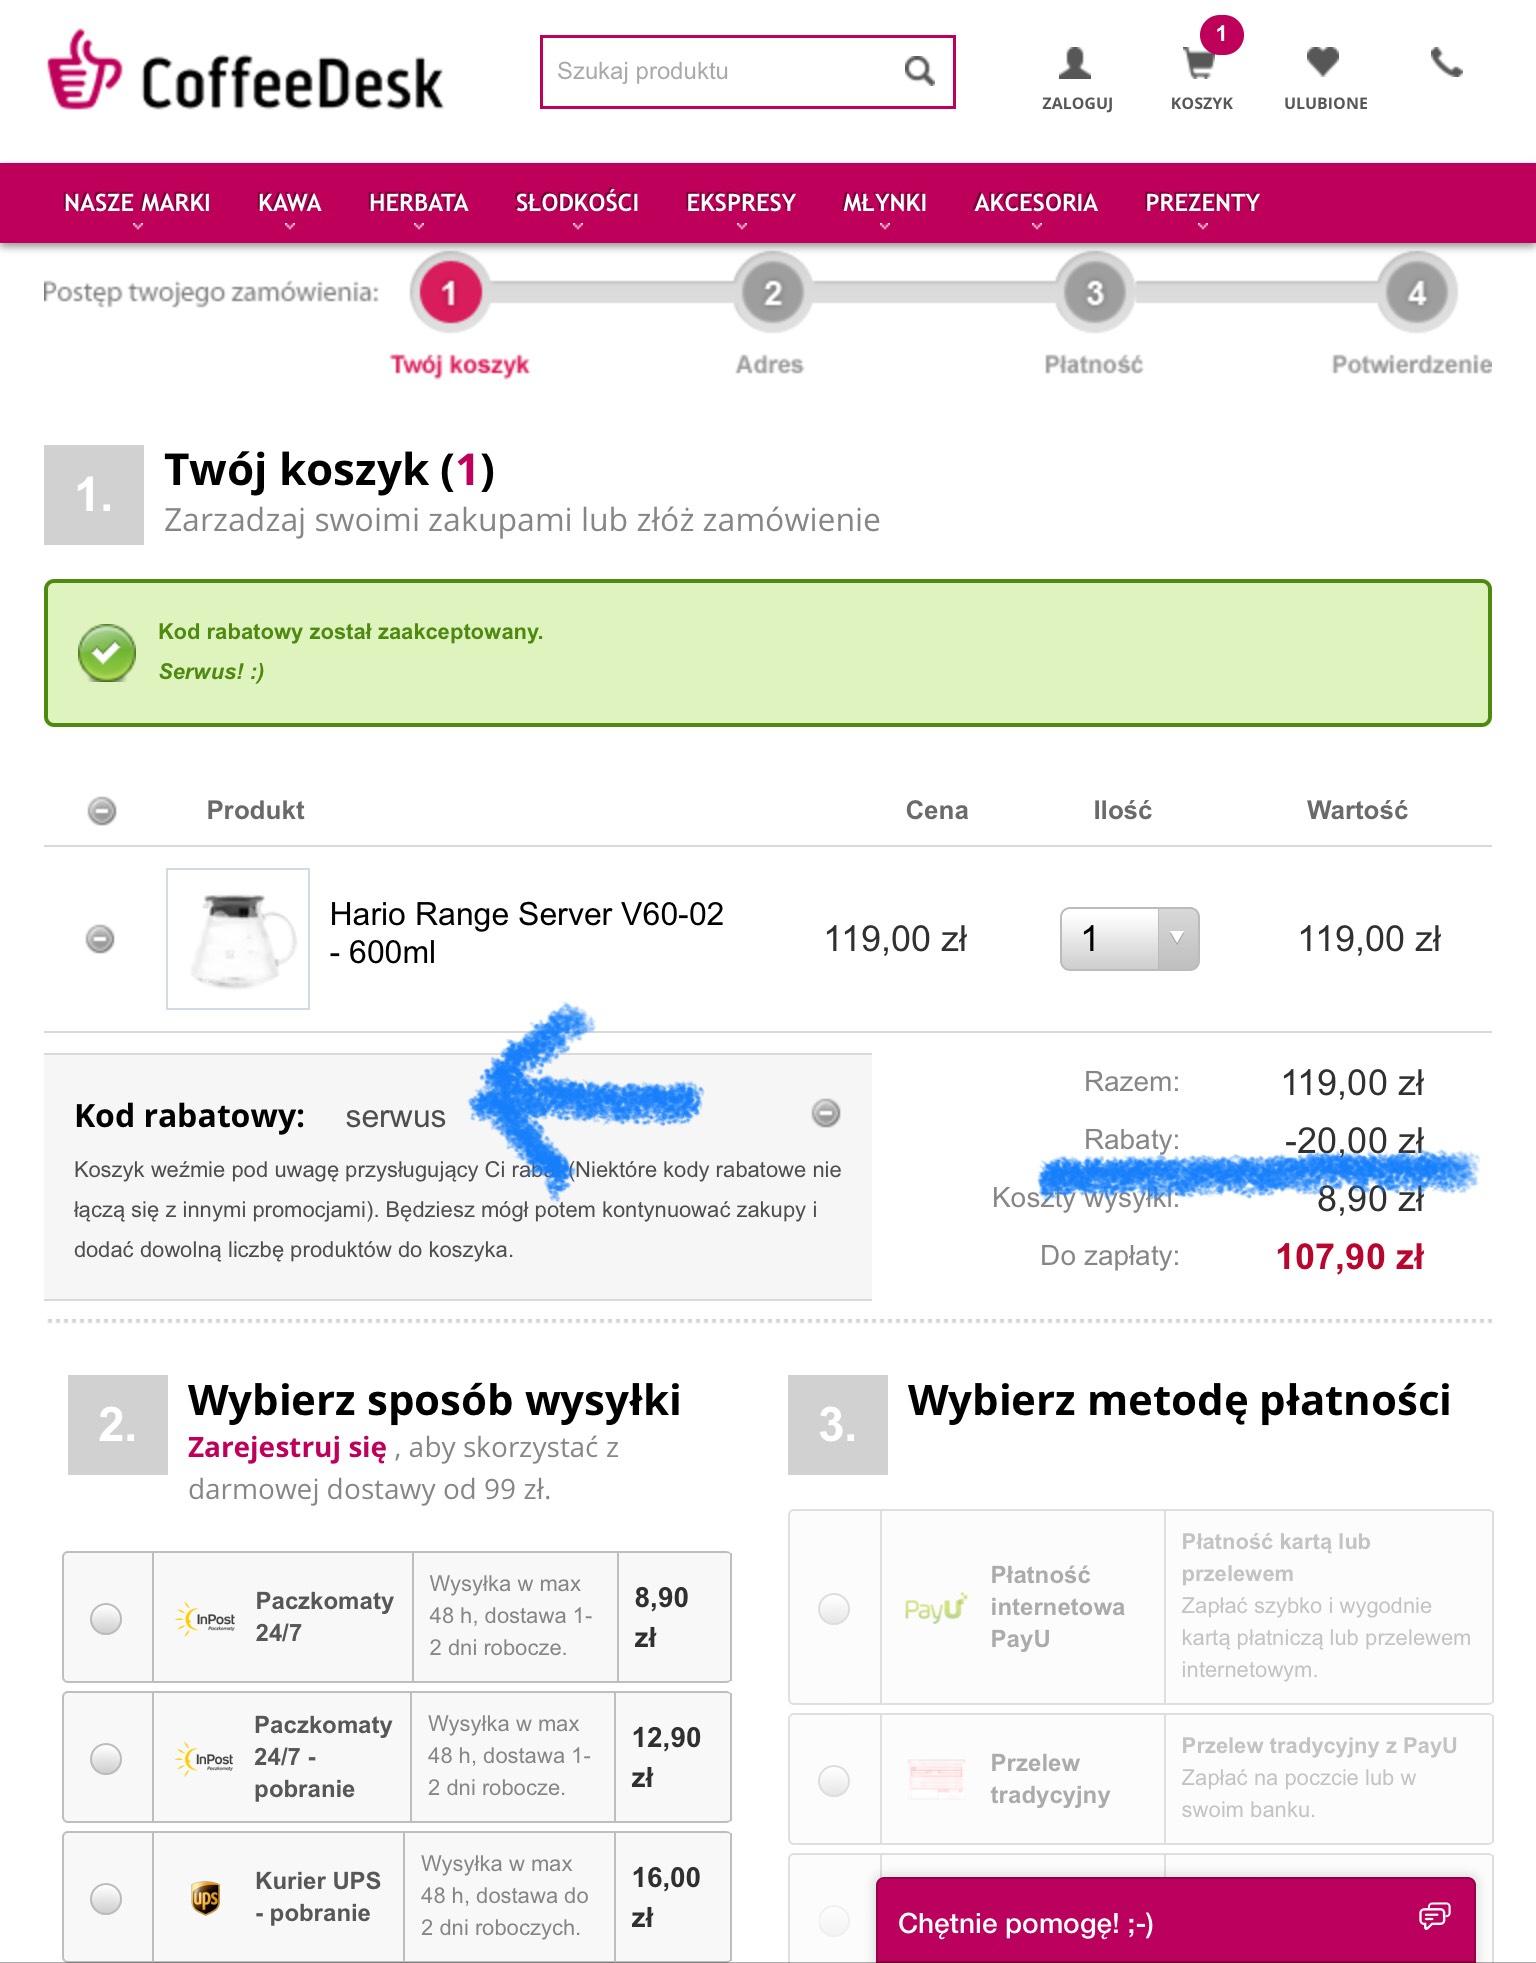 Coffeedesk.pl -20 zł z kodem